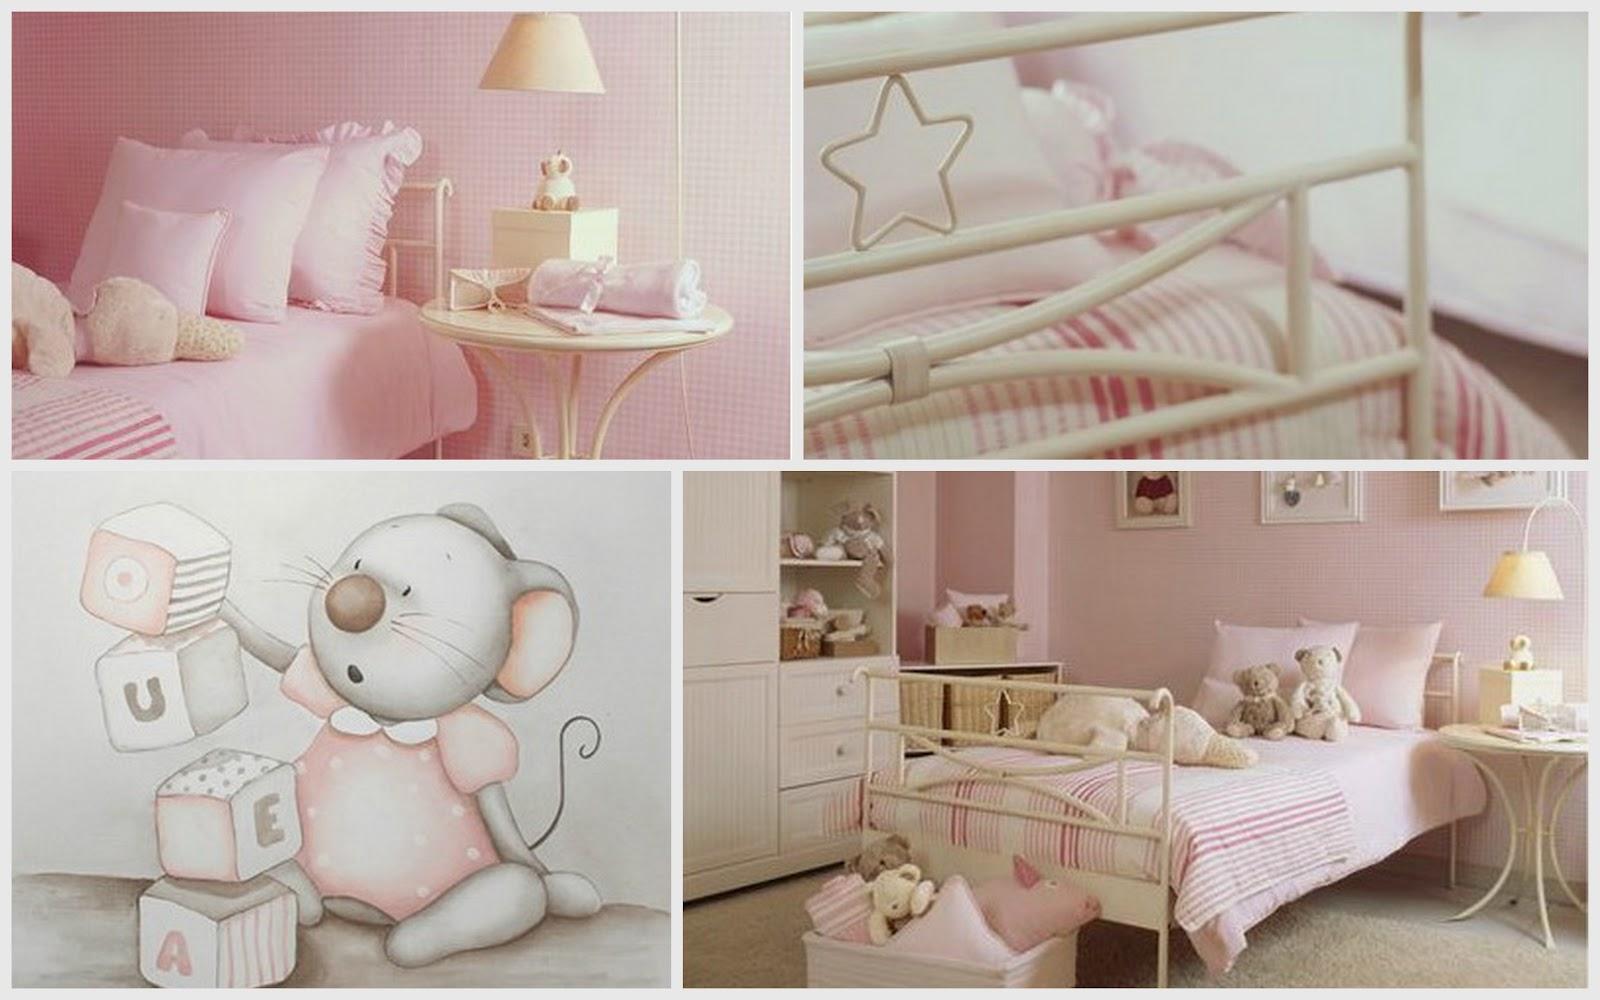 En casa de t a gretel ideas deco para una habitaci n de ni a - Imagenes habitaciones infantiles ...